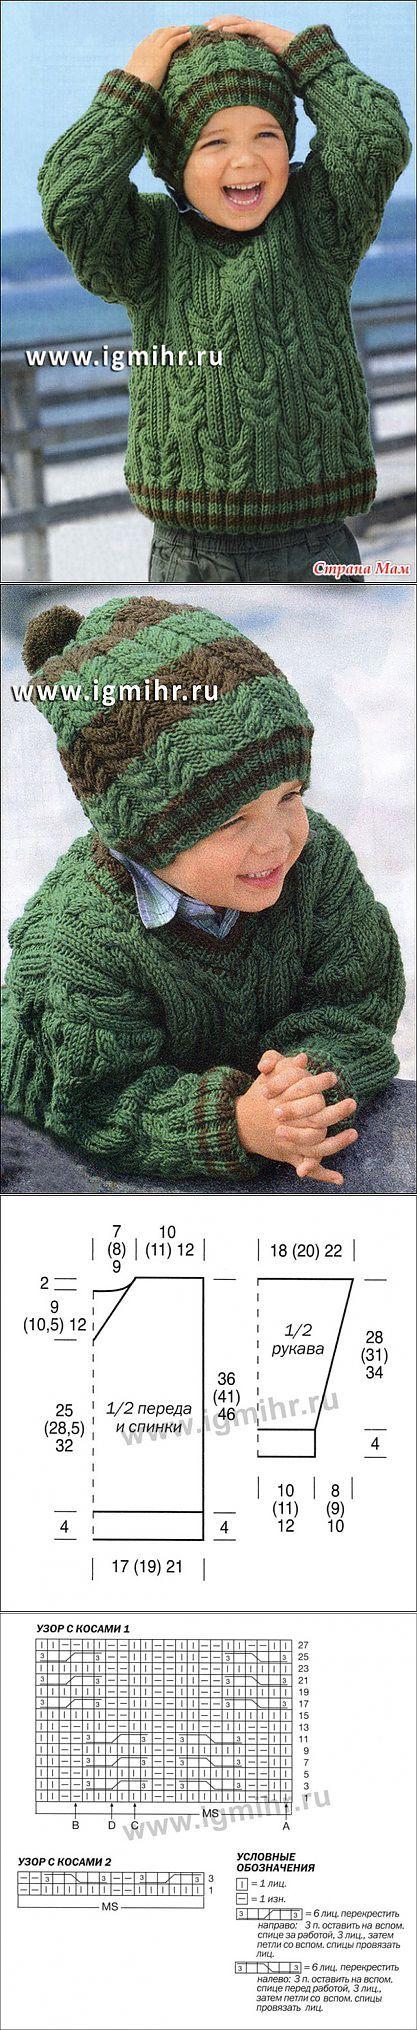 """Зеленый пуловер и шапочка с косами, для мальчика 2-8 лет.: Дневник группы """"Вязание"""" - Страна Мам"""